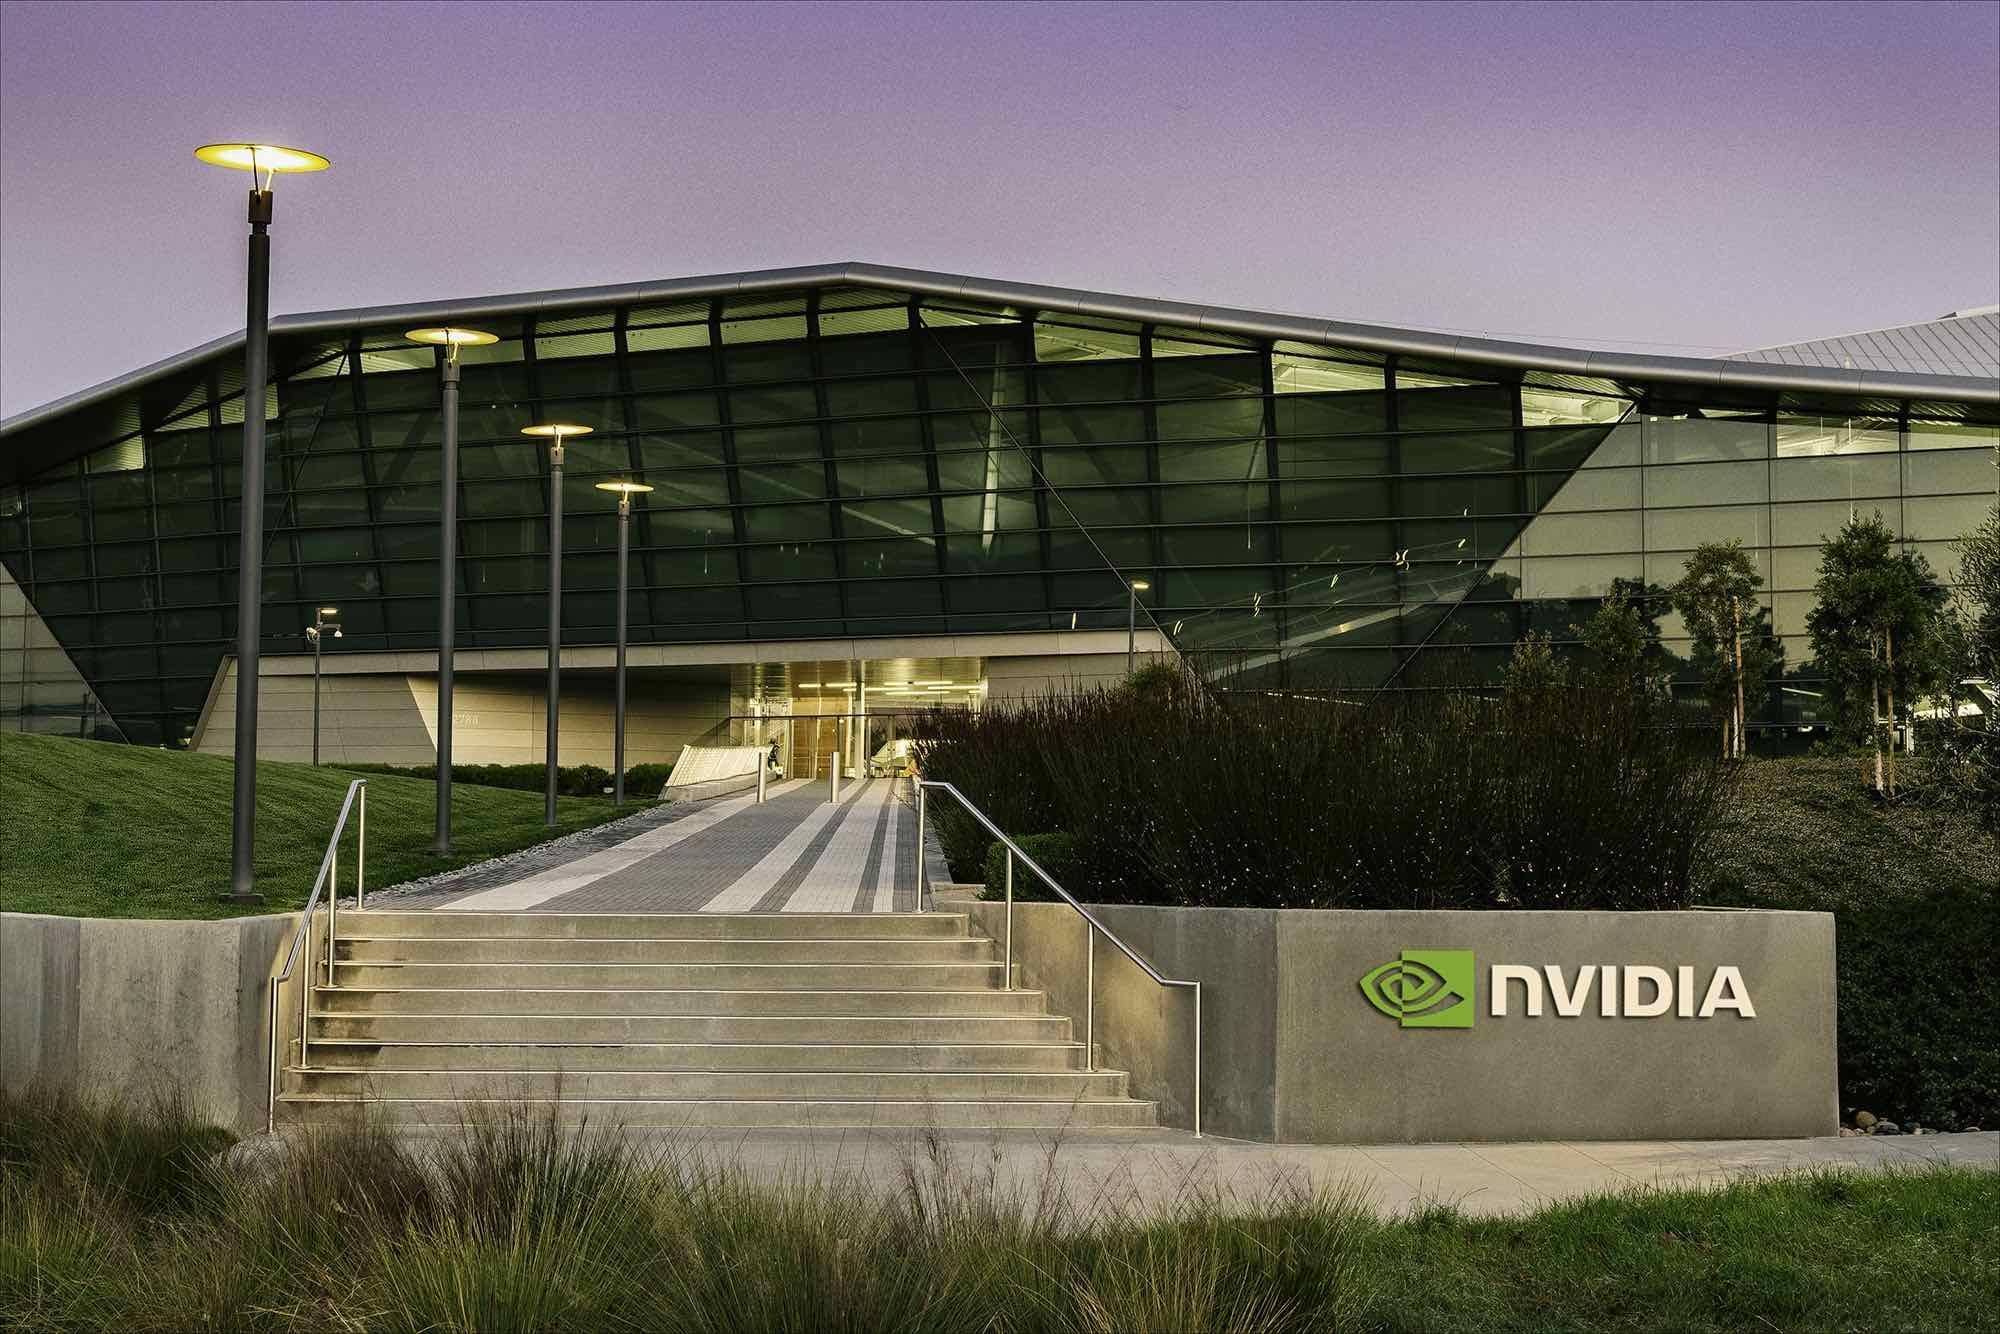 Fotografia NVIDIA - Endeavor - Corporate building